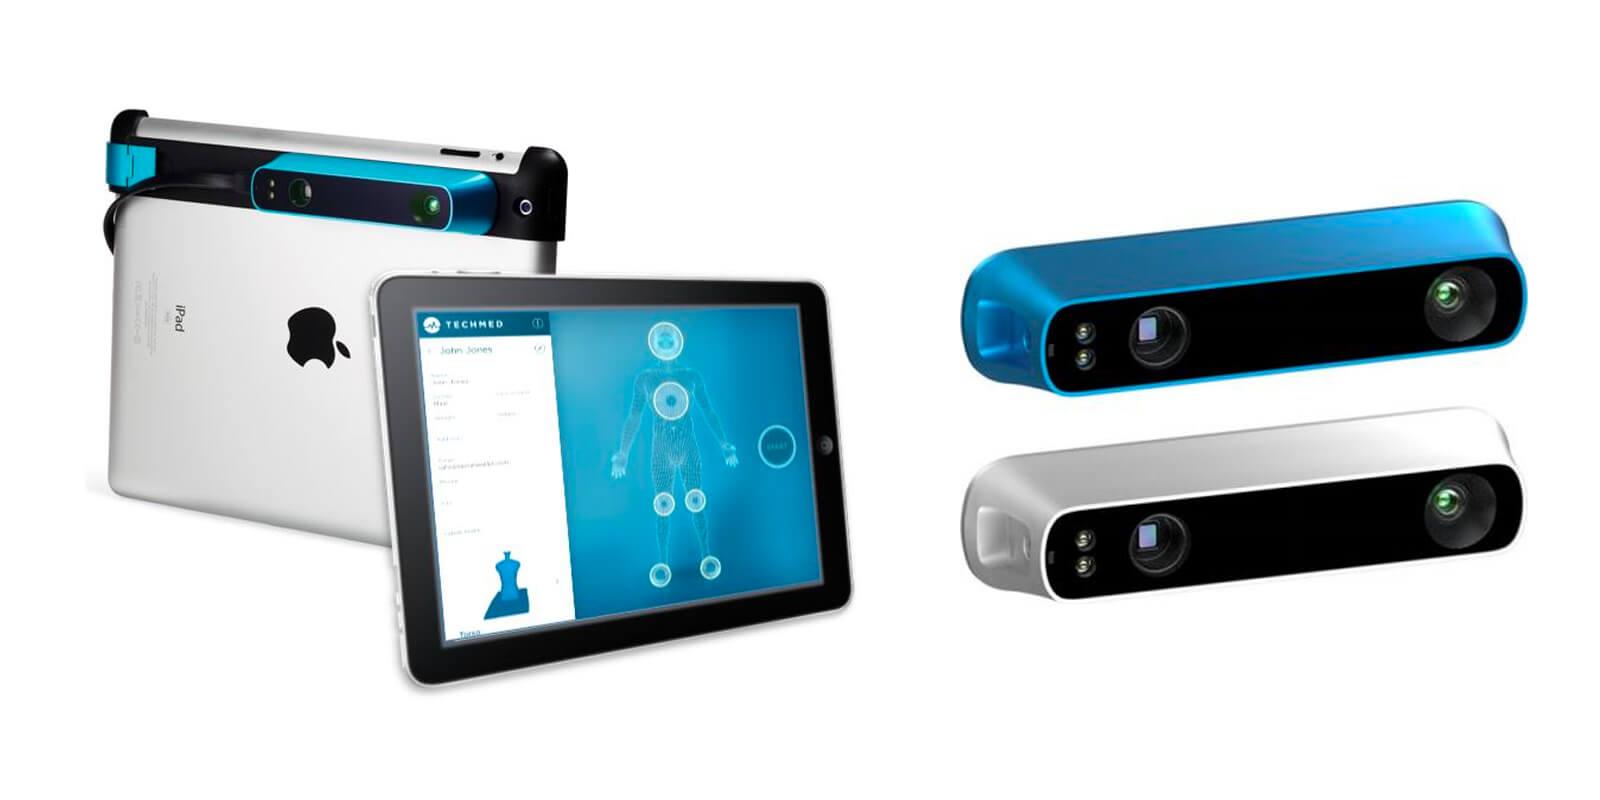 structure sensor modeli olan 3d tarayıcı, 3d baskı almadan önce kullanılıyor